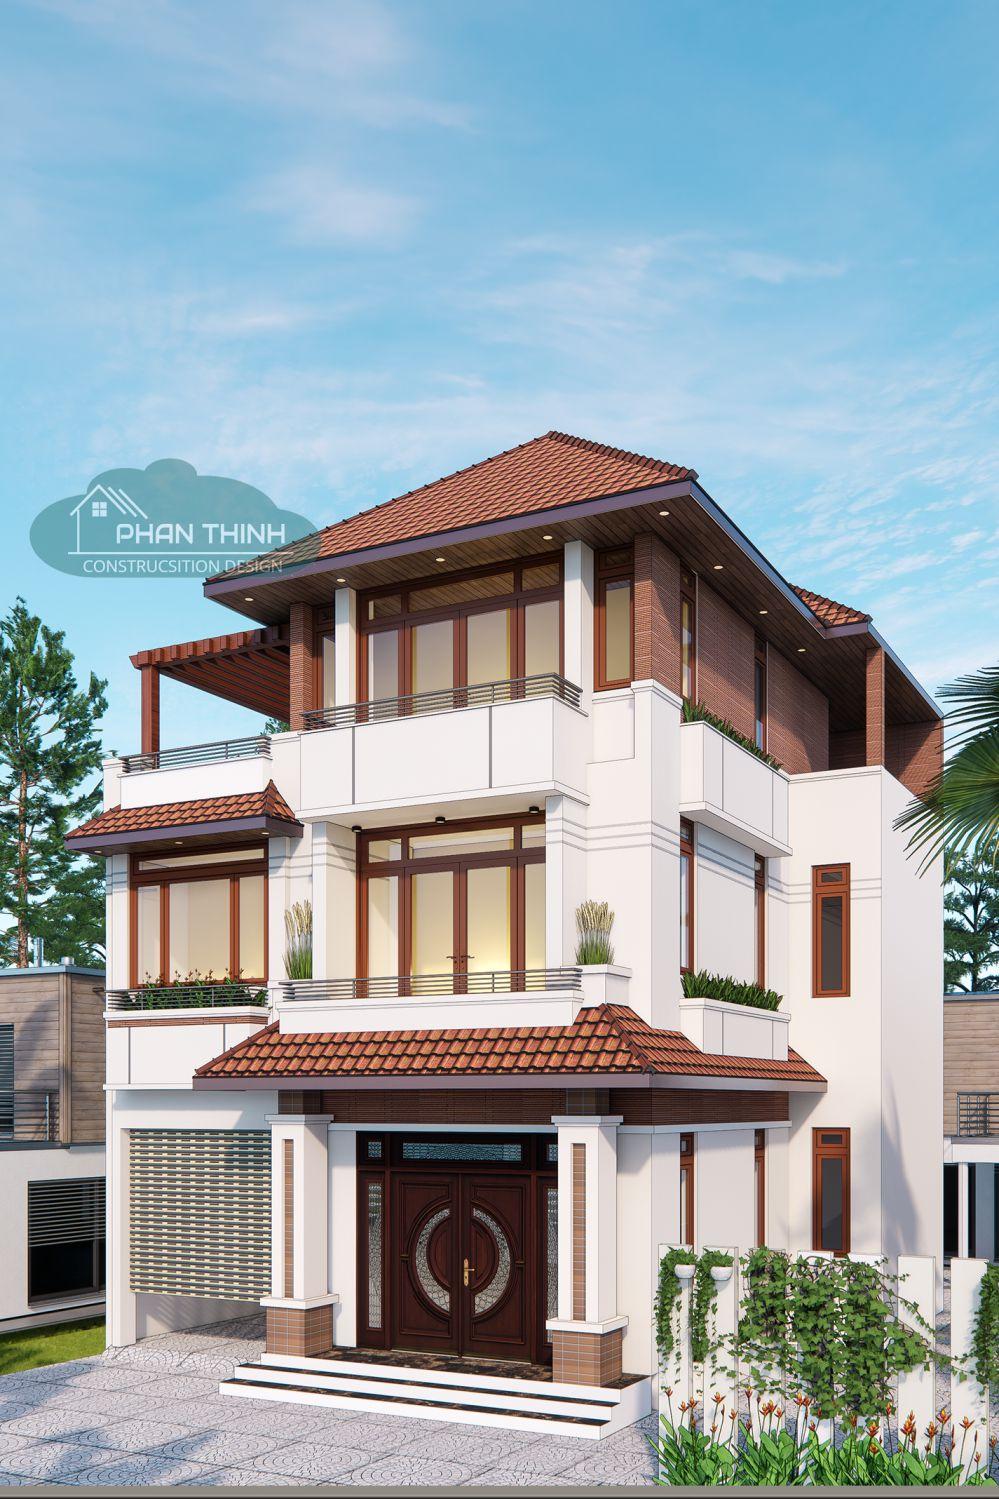 Mẫu biệt thự 3 tầng mái thái đẹp tại Quảng Ninh